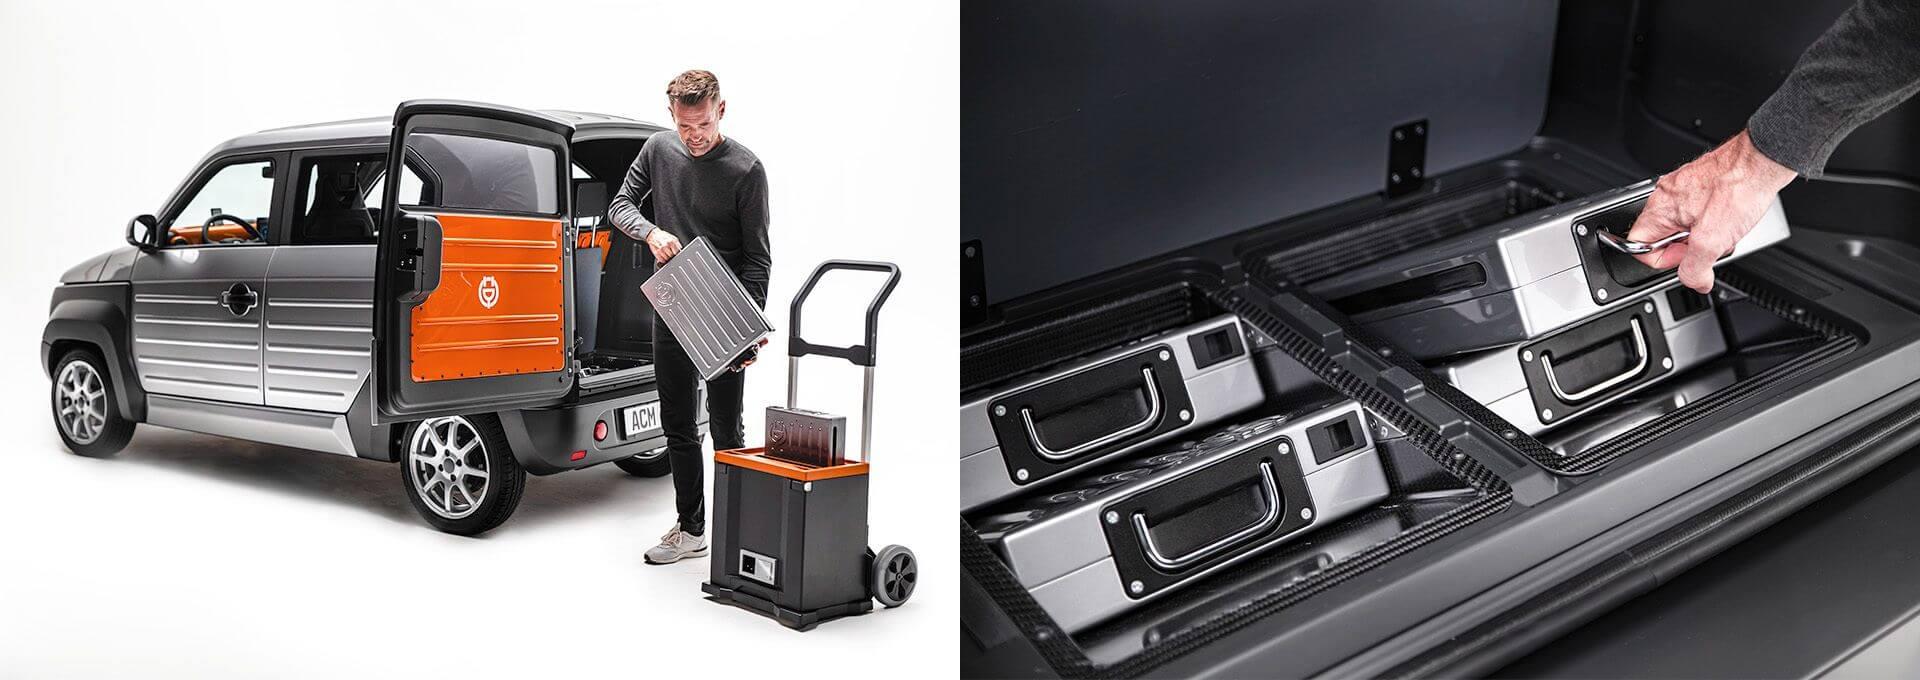 Батарея емкостью 24 кВт⋅ч разделена, имея фиксированную и съемную части